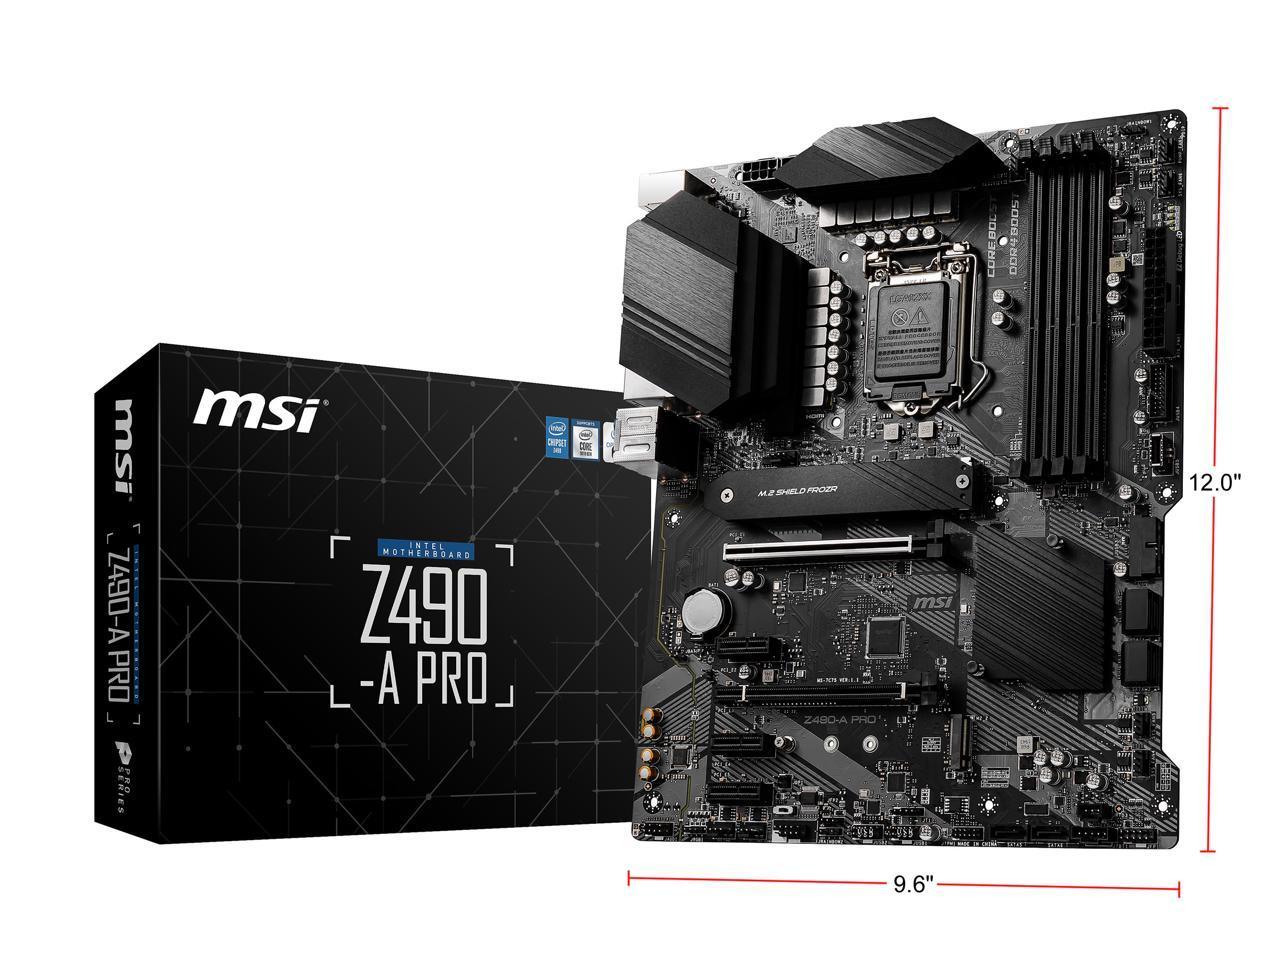 MSI Z490-A PRO LGA 1200